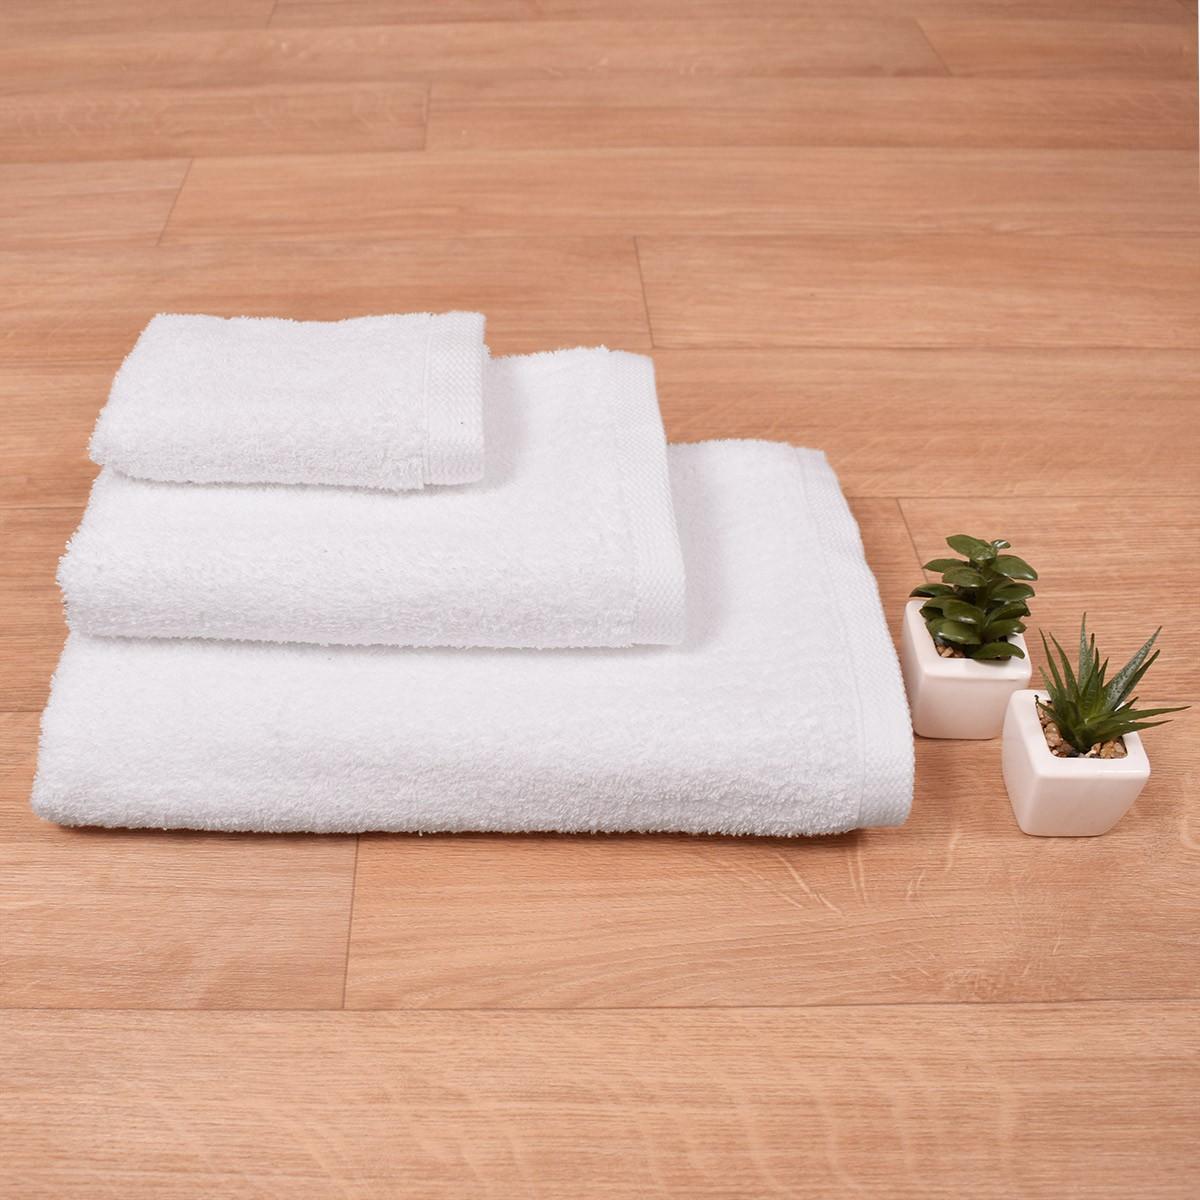 Πετσέτα Σώματος Λευκή (70x140) Giza 600gr/m2 home   επαγγελματικός εξοπλισμός   ξενοδοχειακός εξοπλισμός   πετσέτες ξενοδοχεί